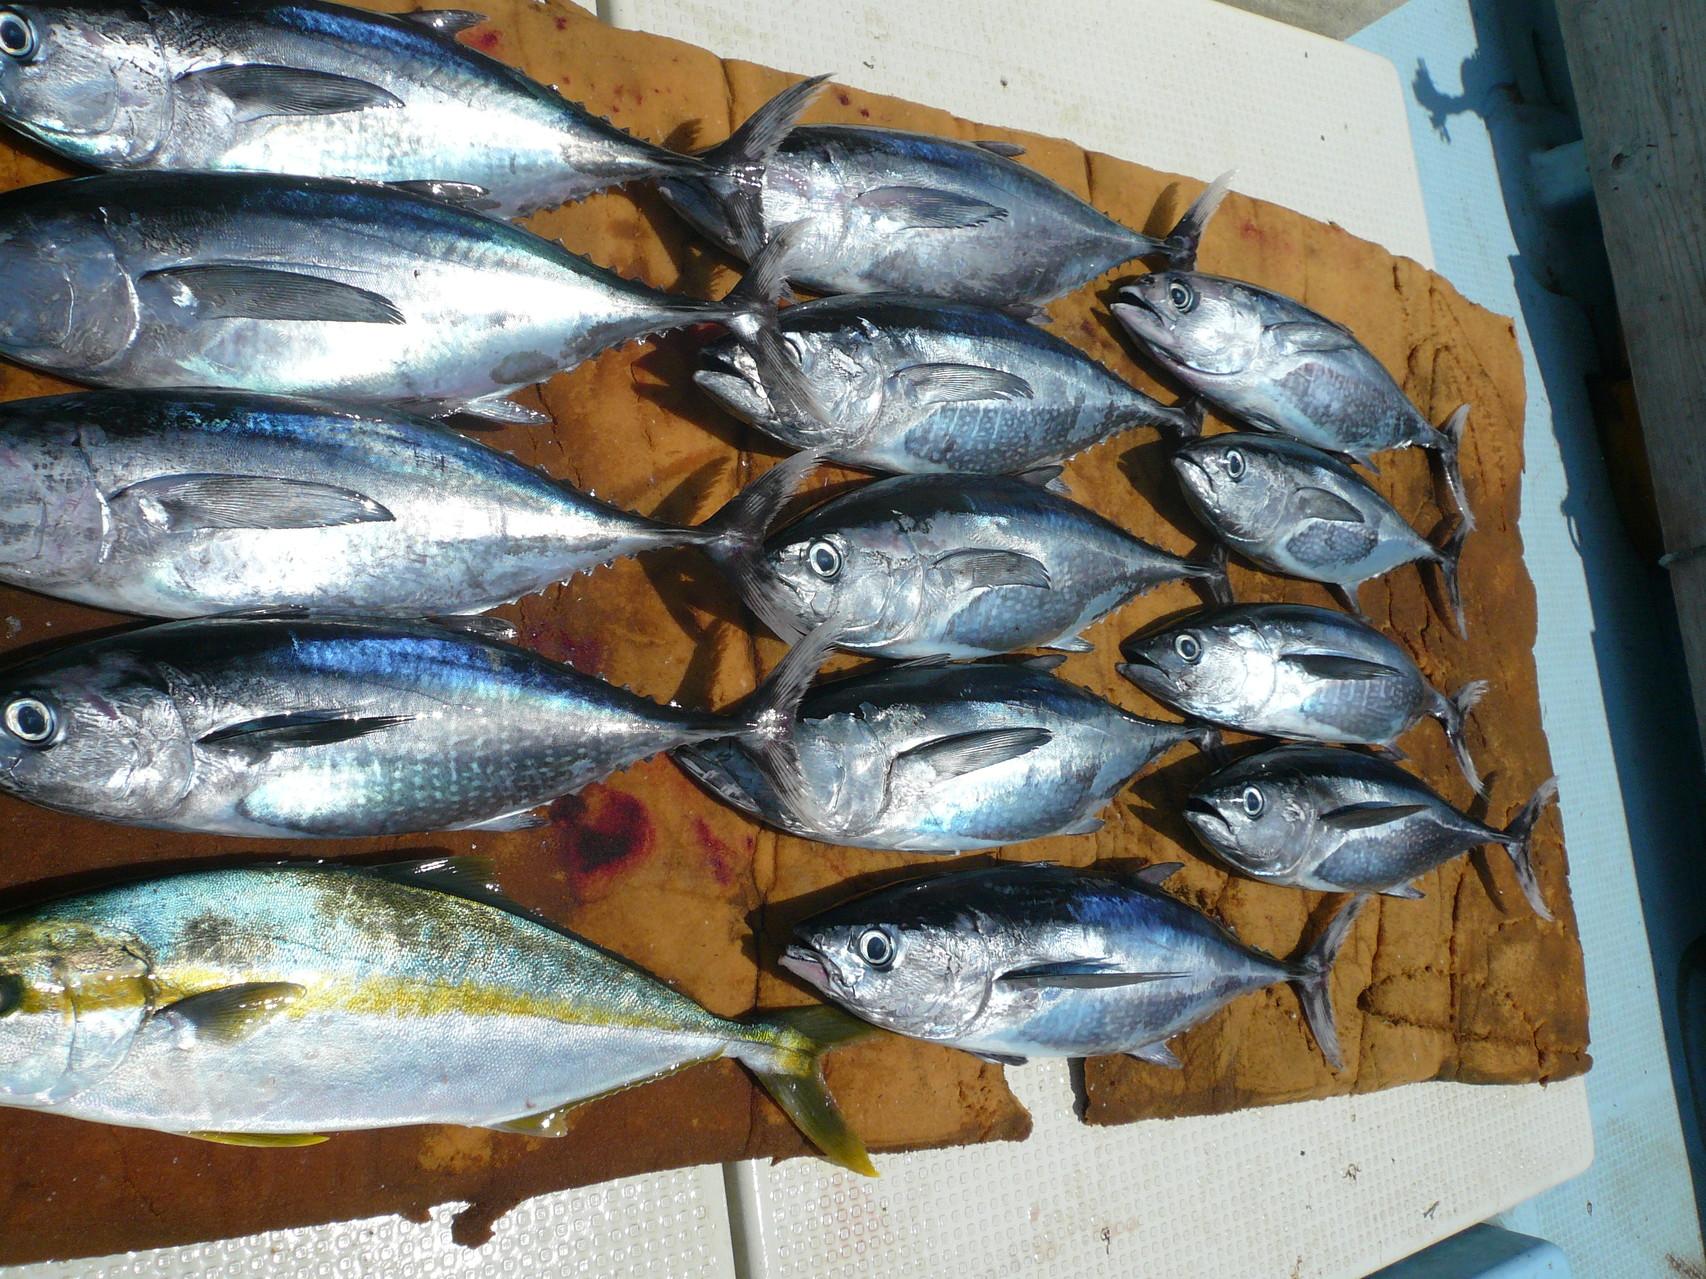 8月12日沖の瀬のポイント カツオ入れ食い30余り